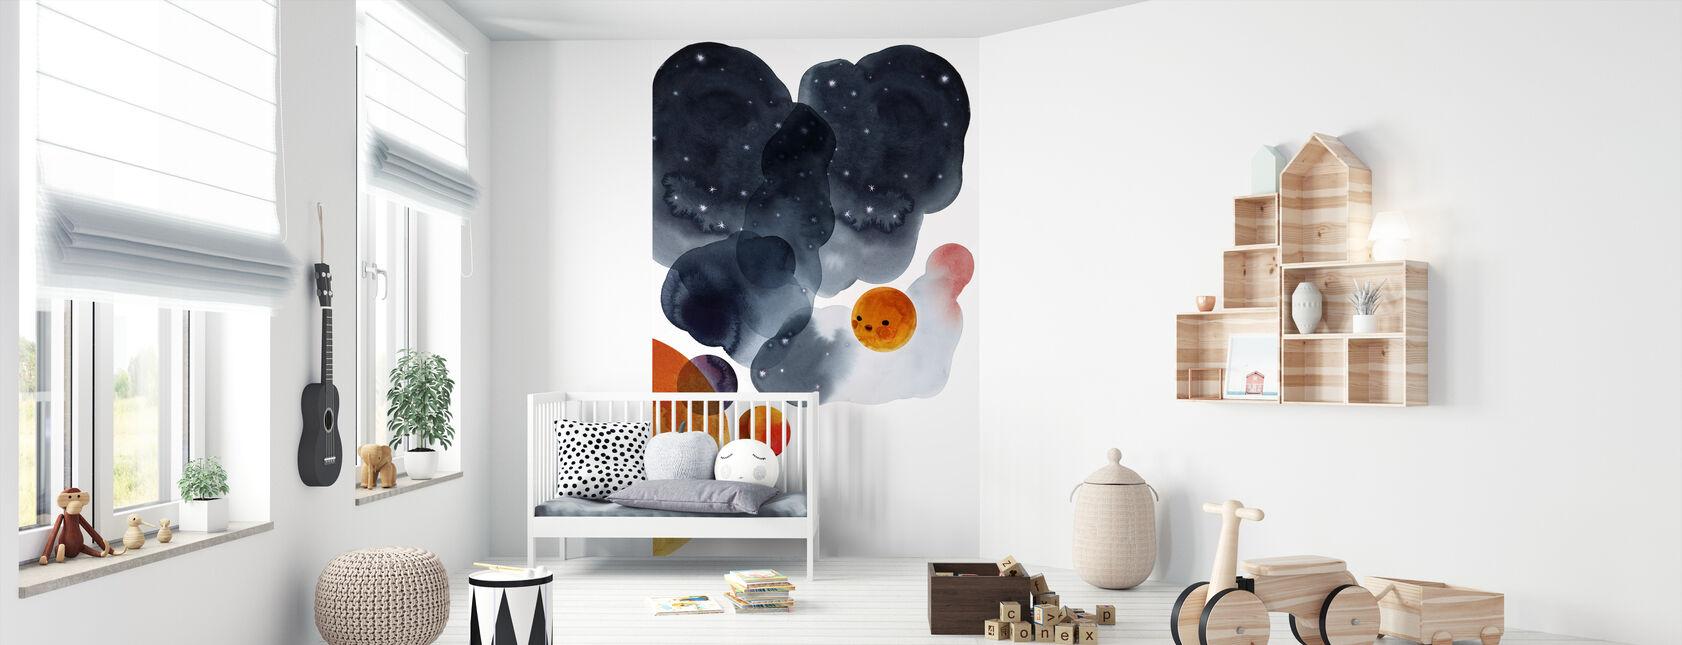 Water Color Space II - Wallpaper - Nursery